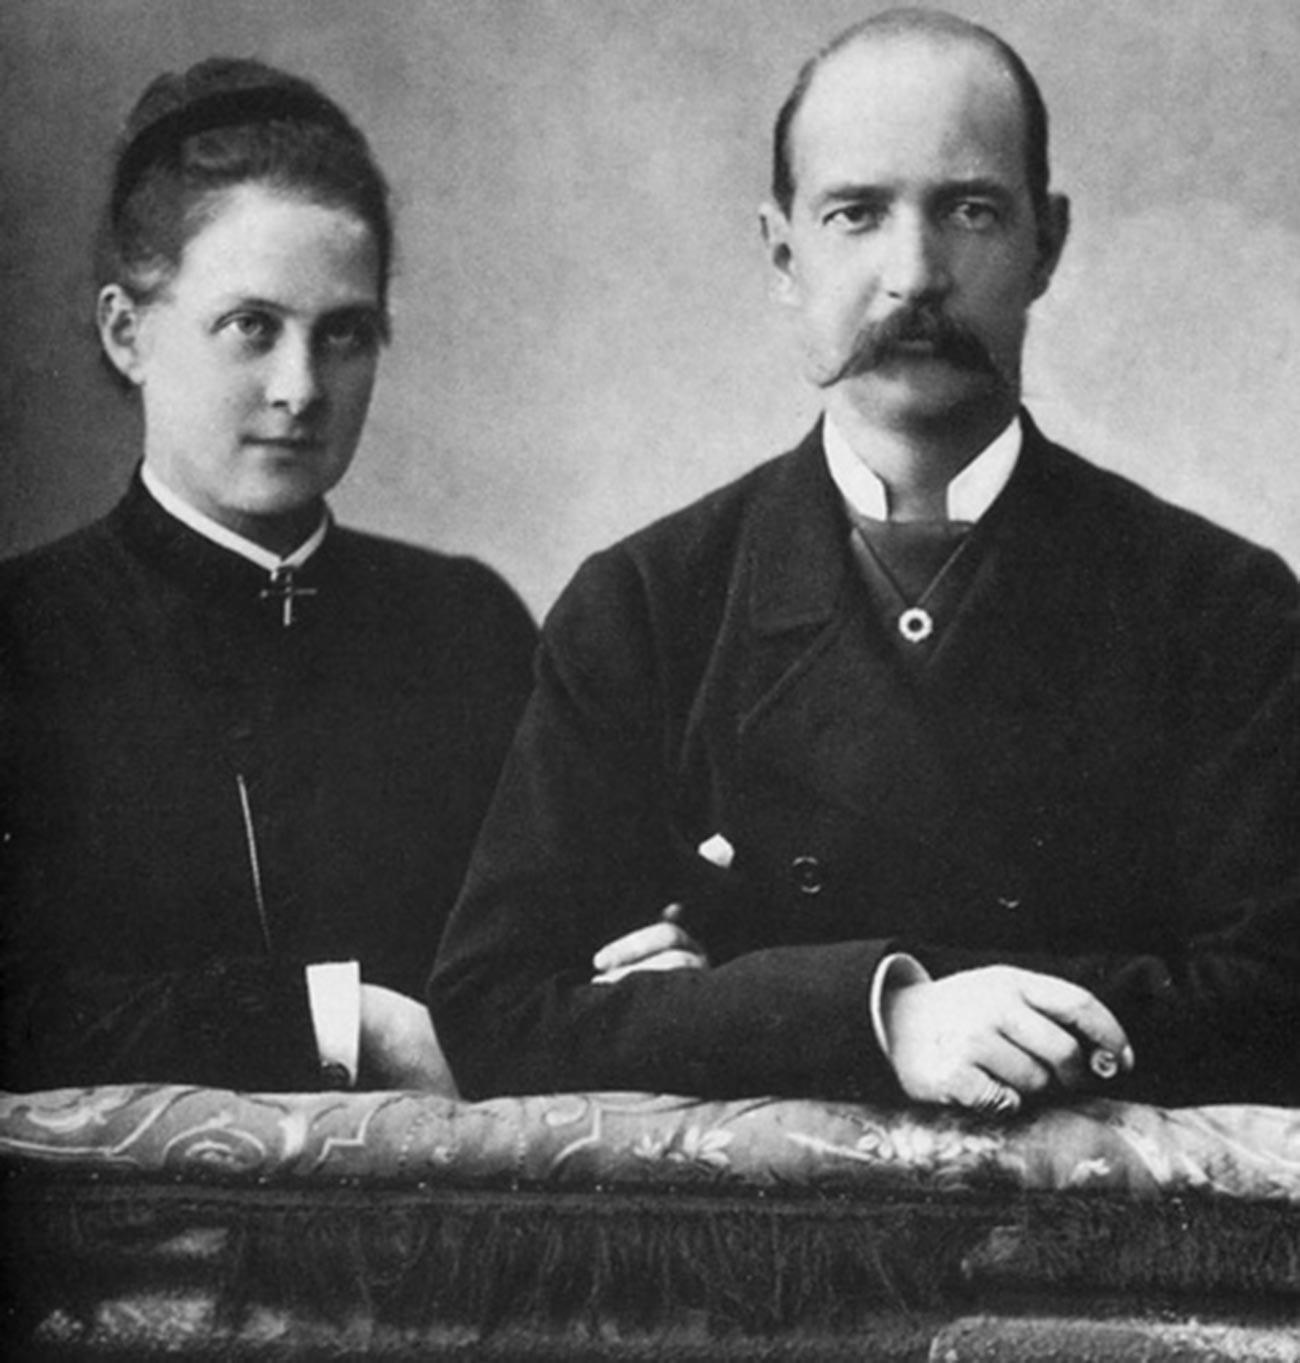 George I dari Yunani (1845—1913) dan istrinya, Olga Konstantinovna dari Rusia (1851—1926)